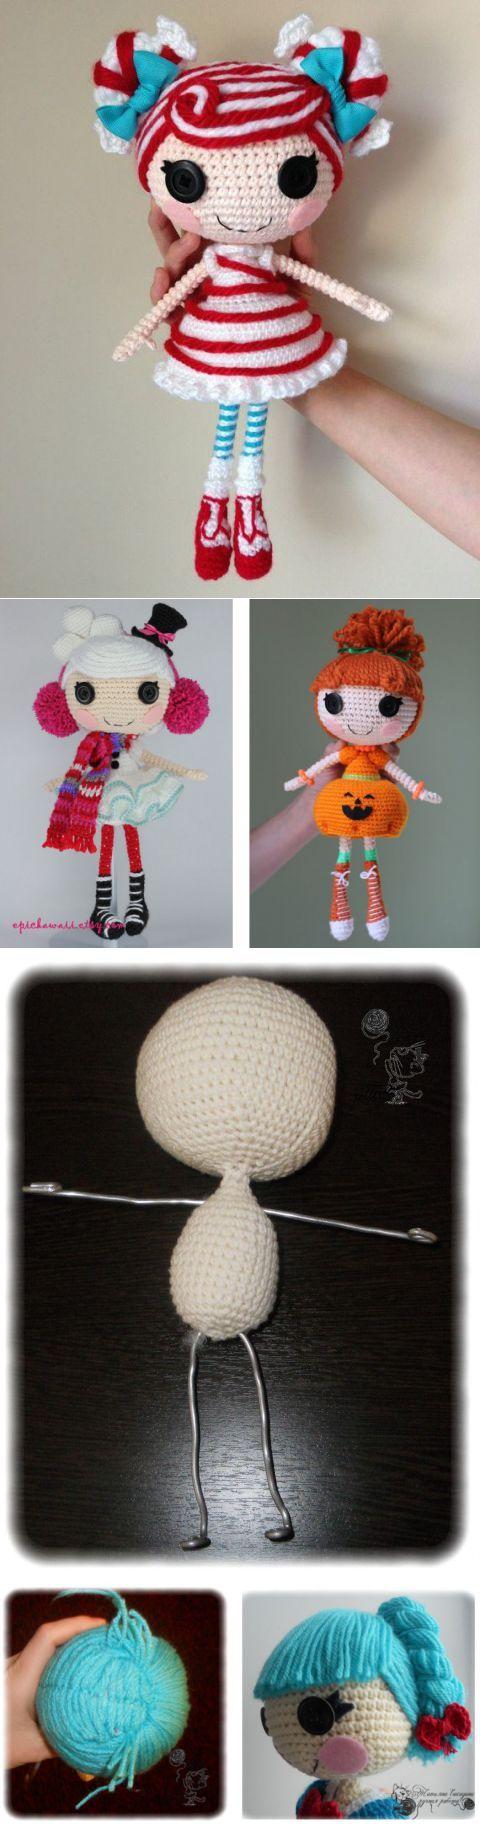 Вязаная кукла Lalaloopsy: подробная схема и описание   Вязаные куклы.   Постила